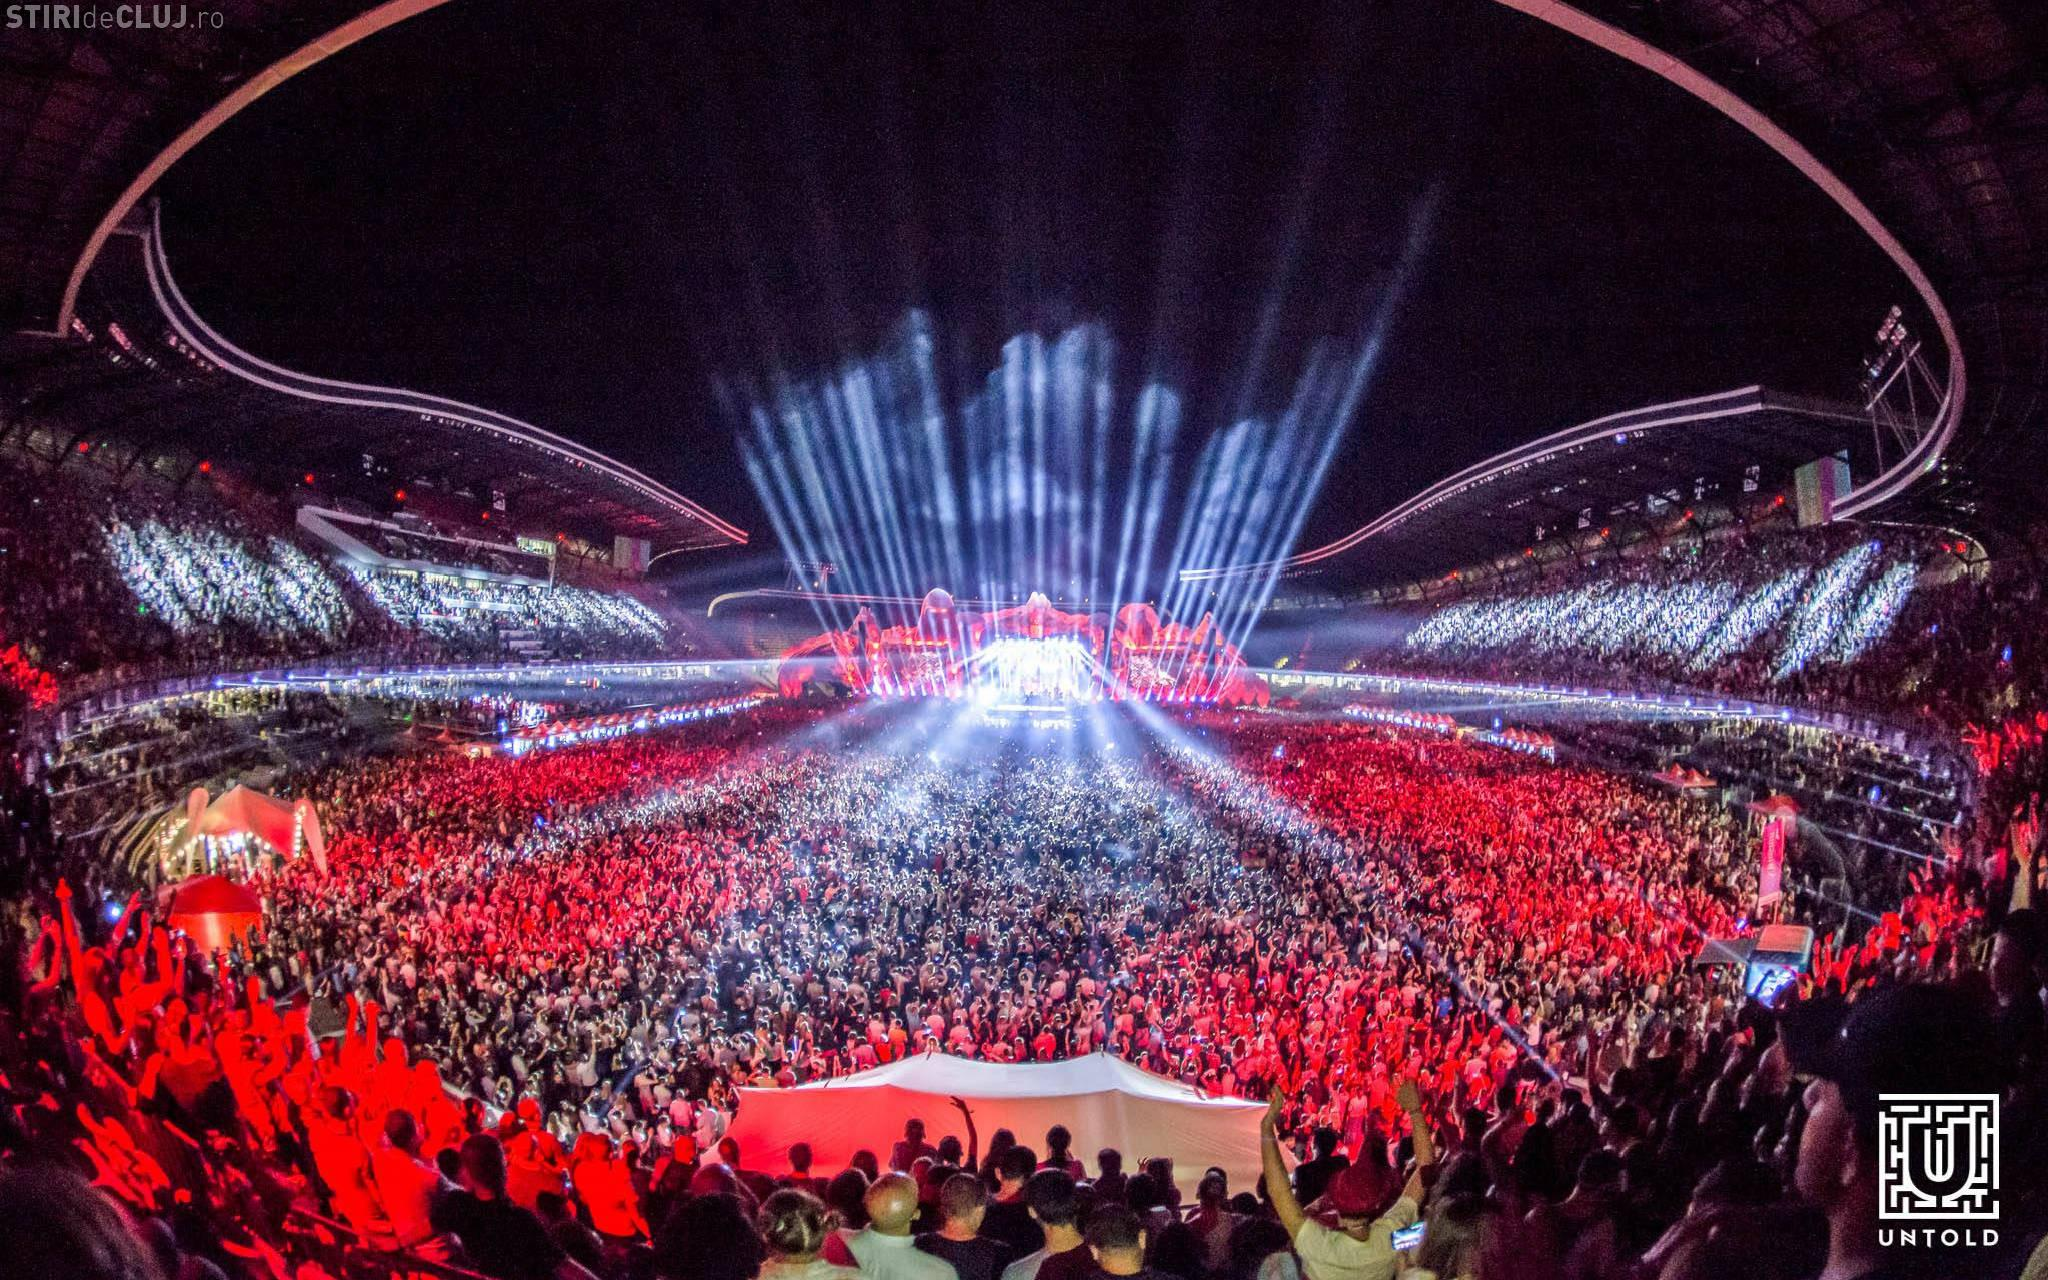 Untold 2018: Restricții de circulație în zona Cluj Arena